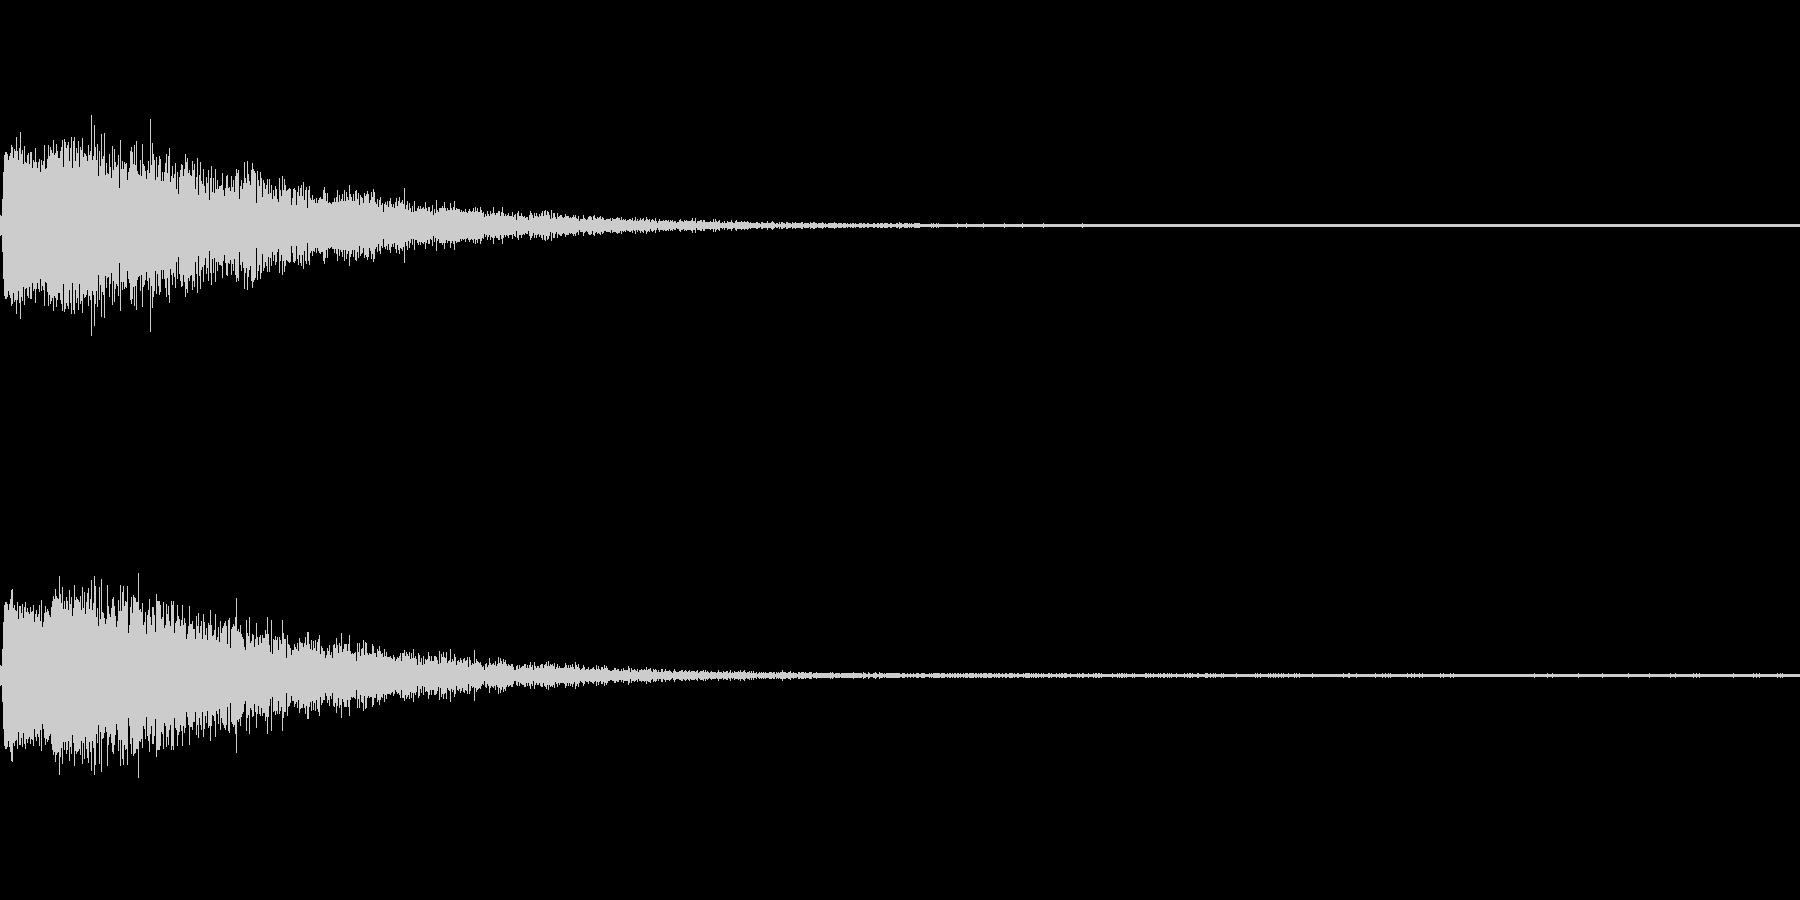 ポンッ (弾んだり、スマッシュ)の音の未再生の波形